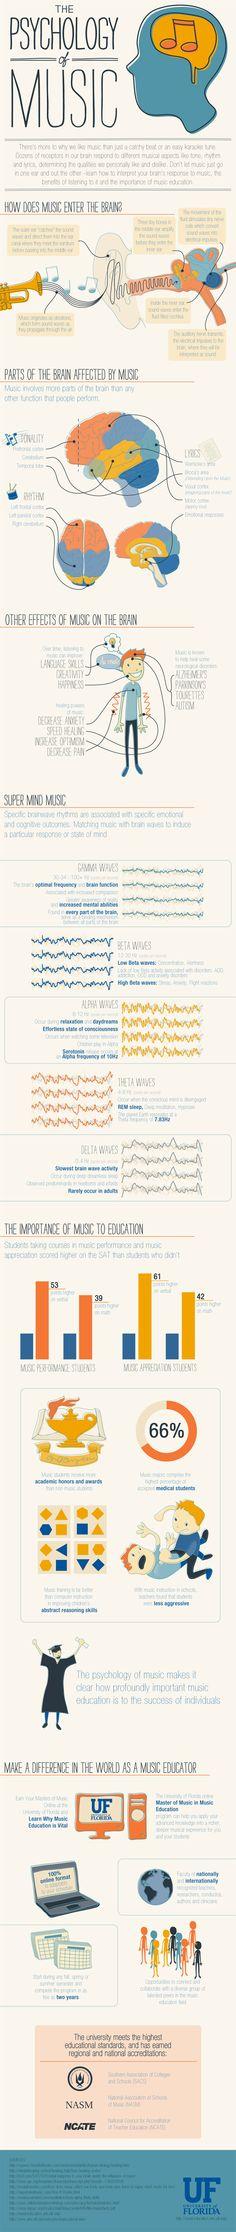 [infographie] La psychologie de la musique !